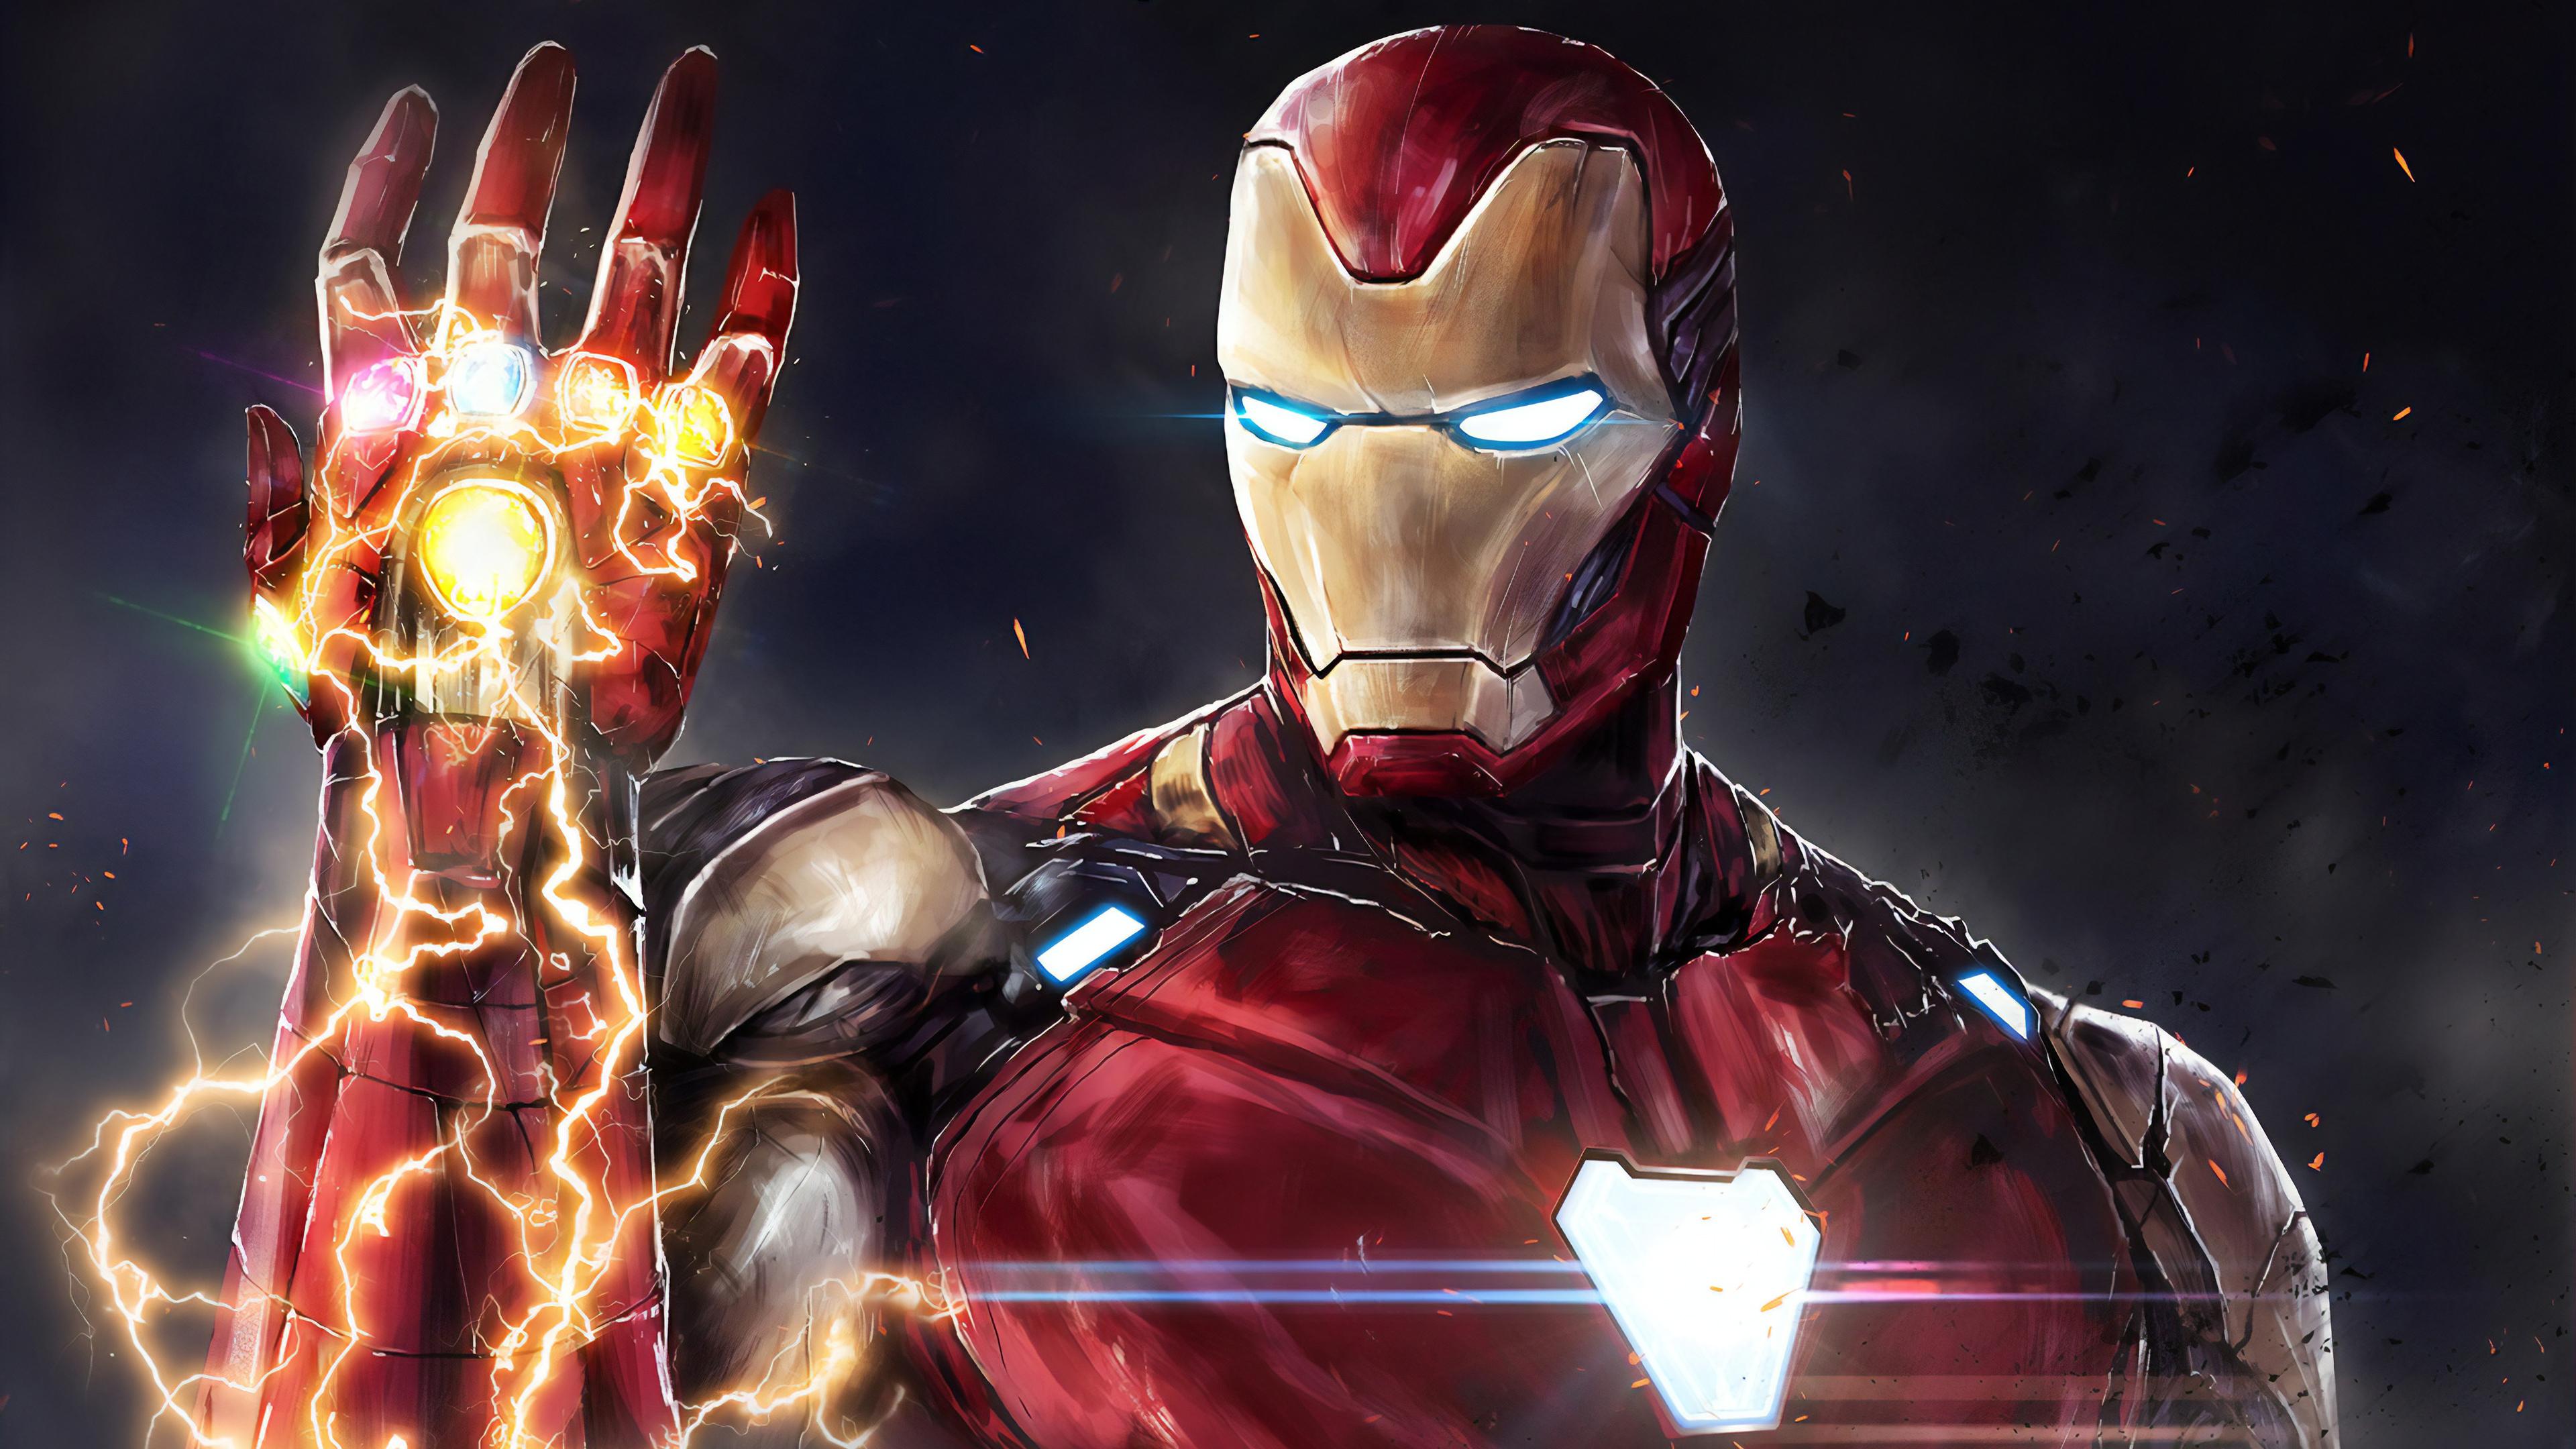 i am iron man 1562106148 - I Am Iron Man - superheroes wallpapers, iron man wallpapers, hd-wallpapers, avengers endgame wallpapers, artwork wallpapers, 4k-wallpapers